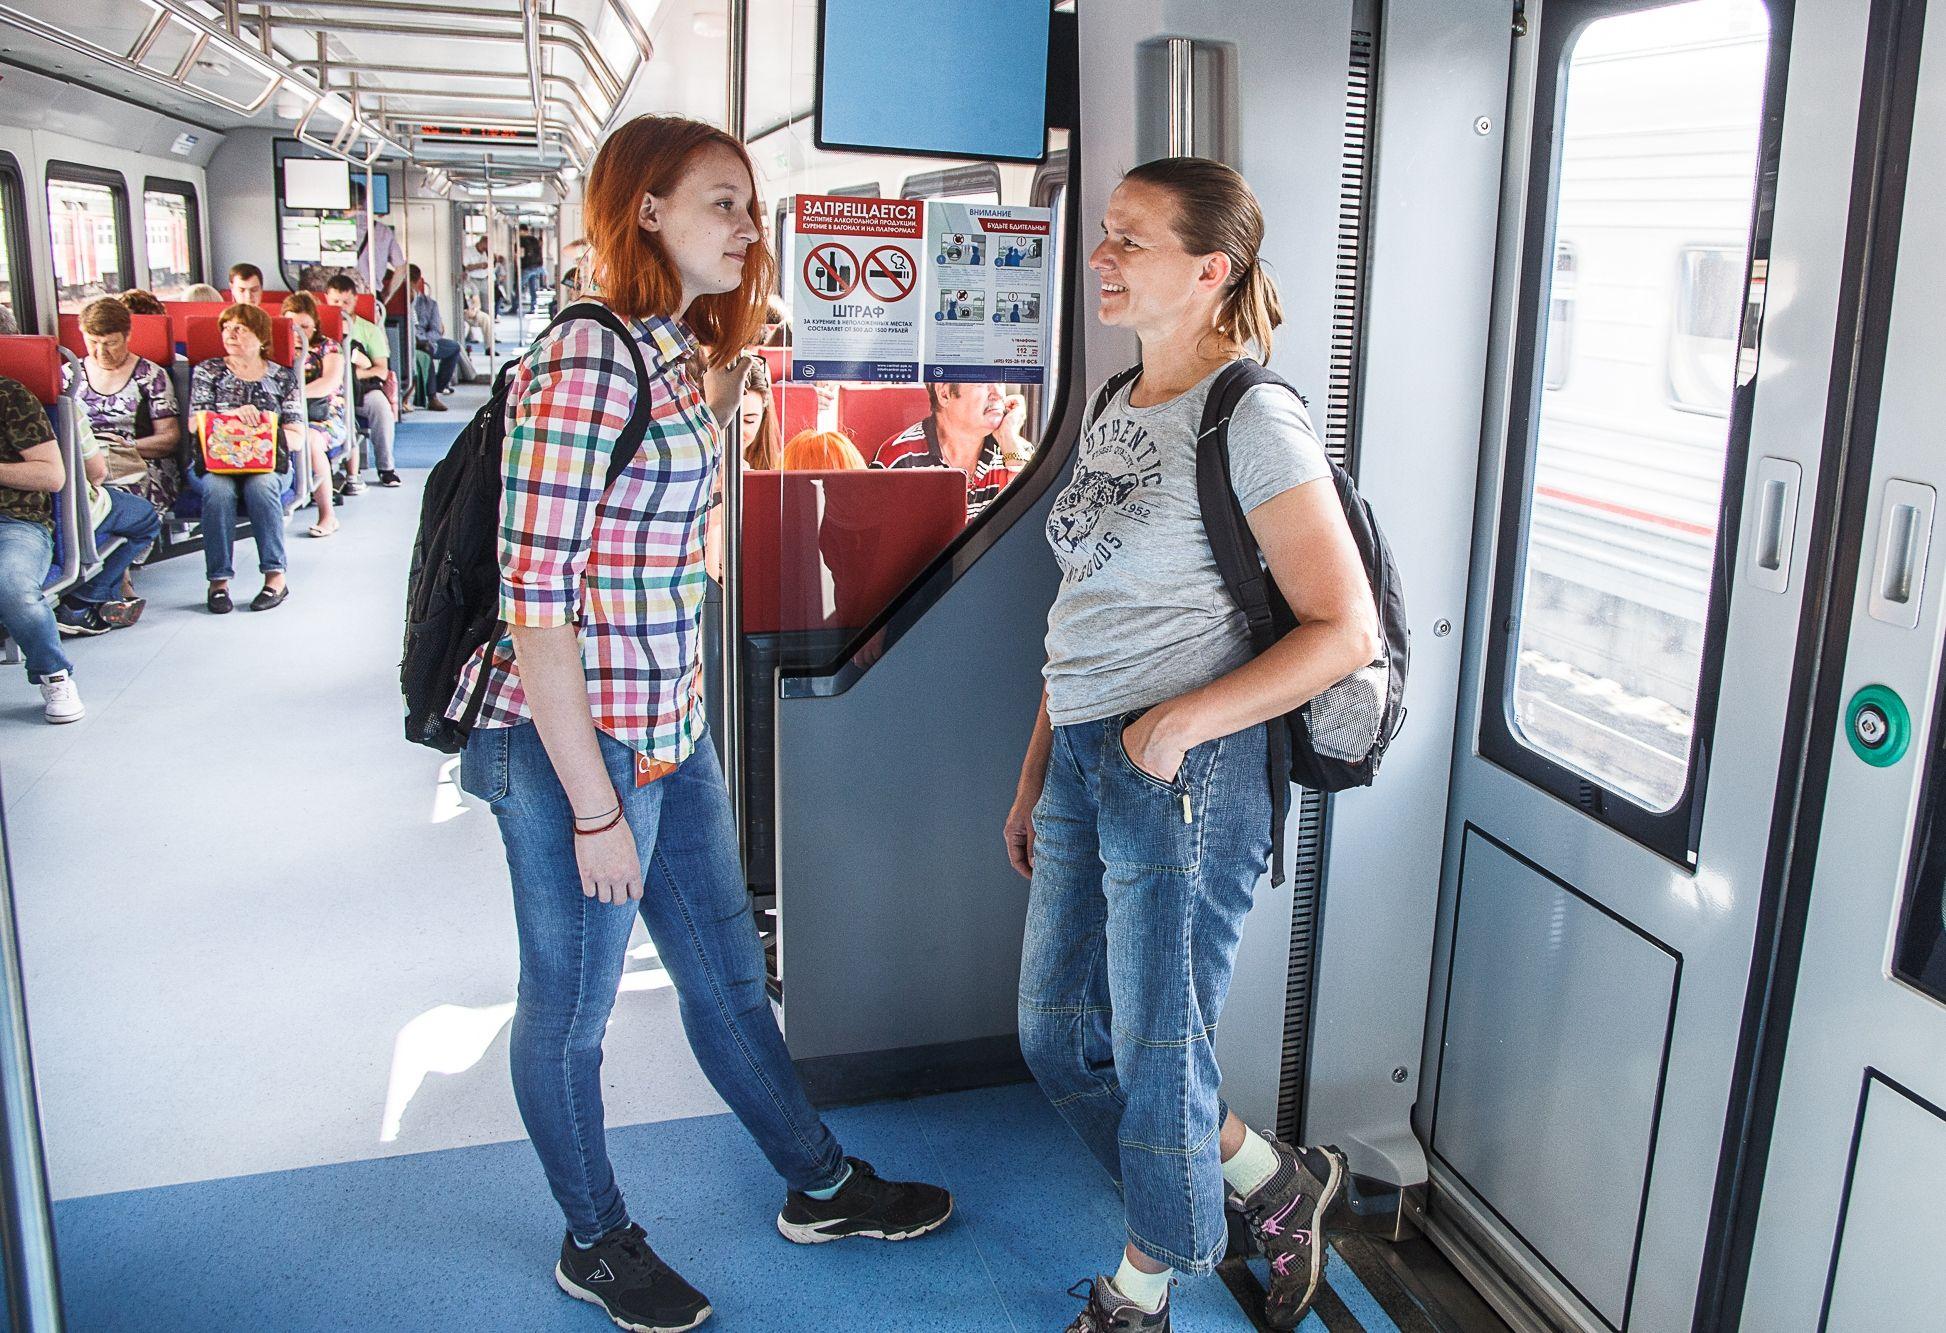 Пассажиры смогут чувствовать себя комфортно и спокойно. Фото: Михаил Подобед, «ВечерняяМосква»